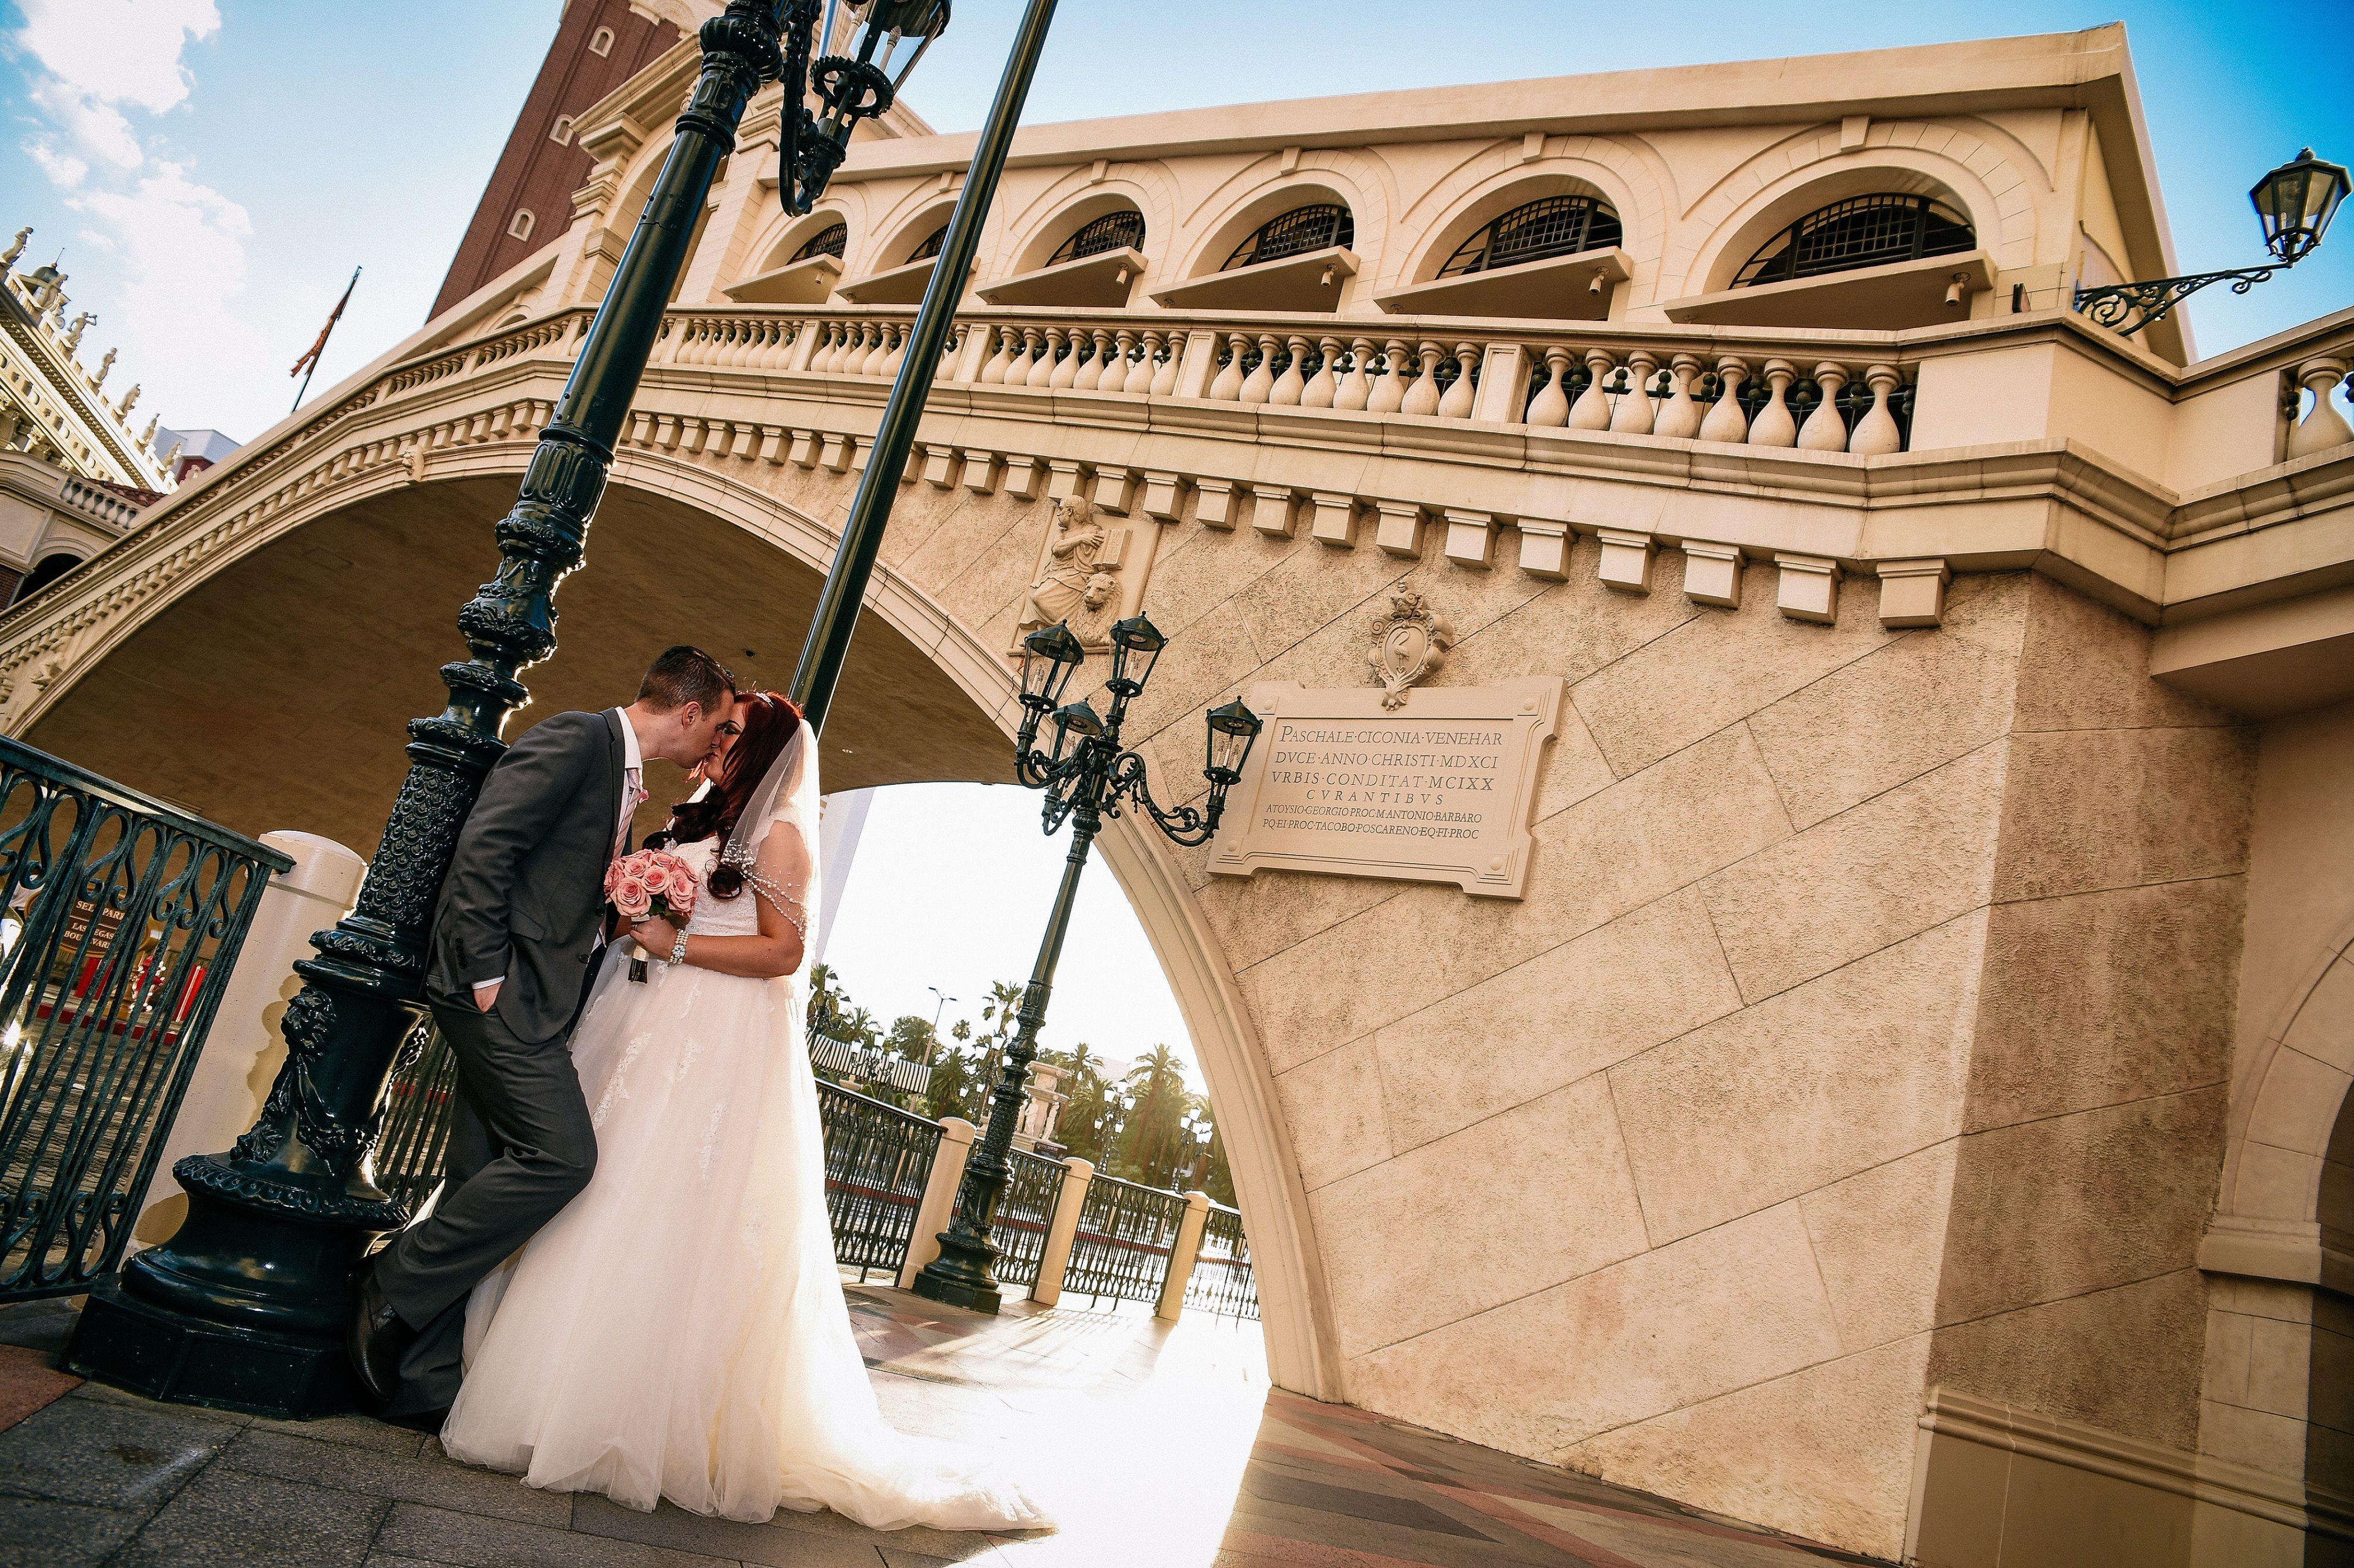 Las Vegas Weddings Wedding In Vegas Chapel Of The Flowers Las Vegas Wedding Chapel Las Vegas Weddings Vegas Wedding Chapel